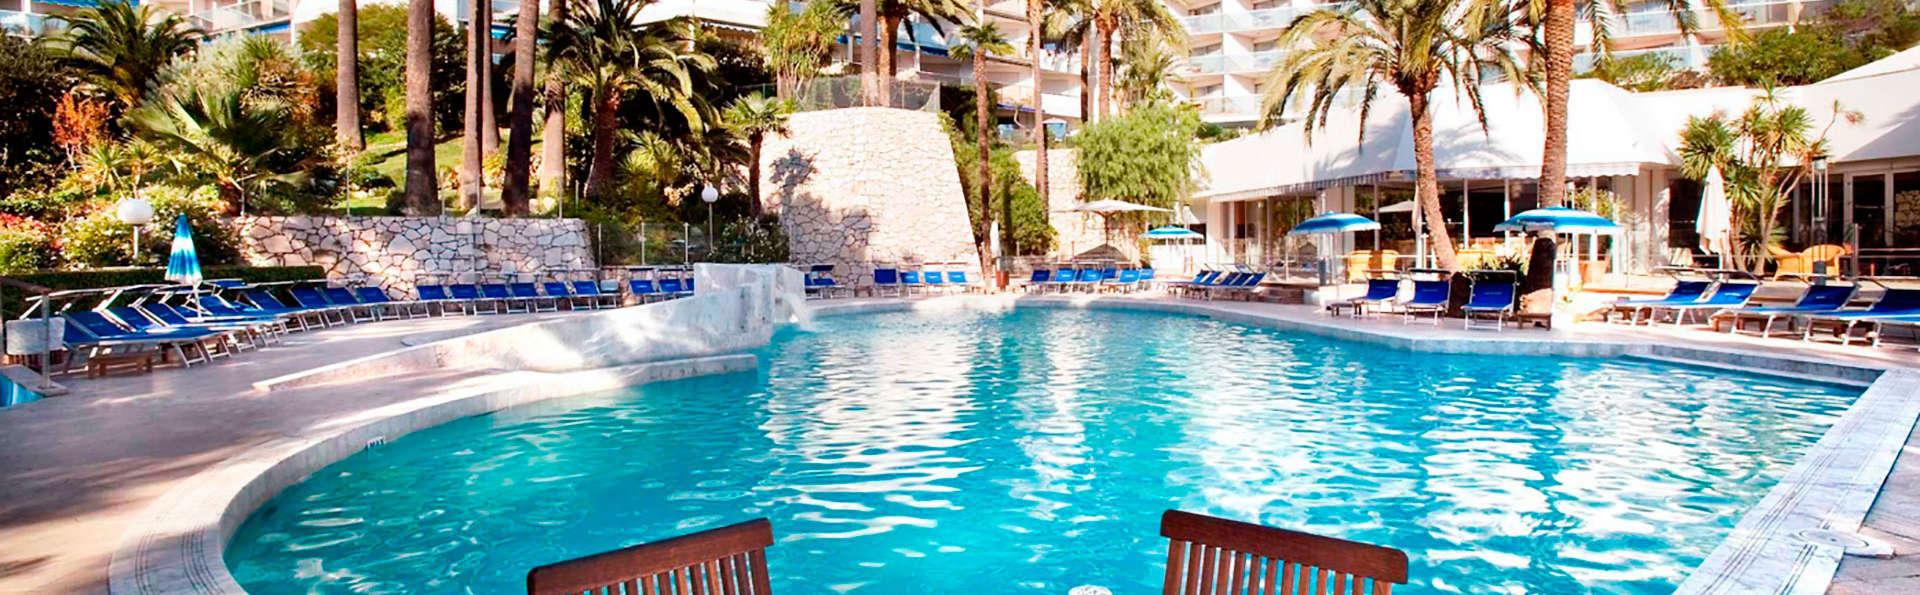 Week-end détente à Cannes avec spa et piscine